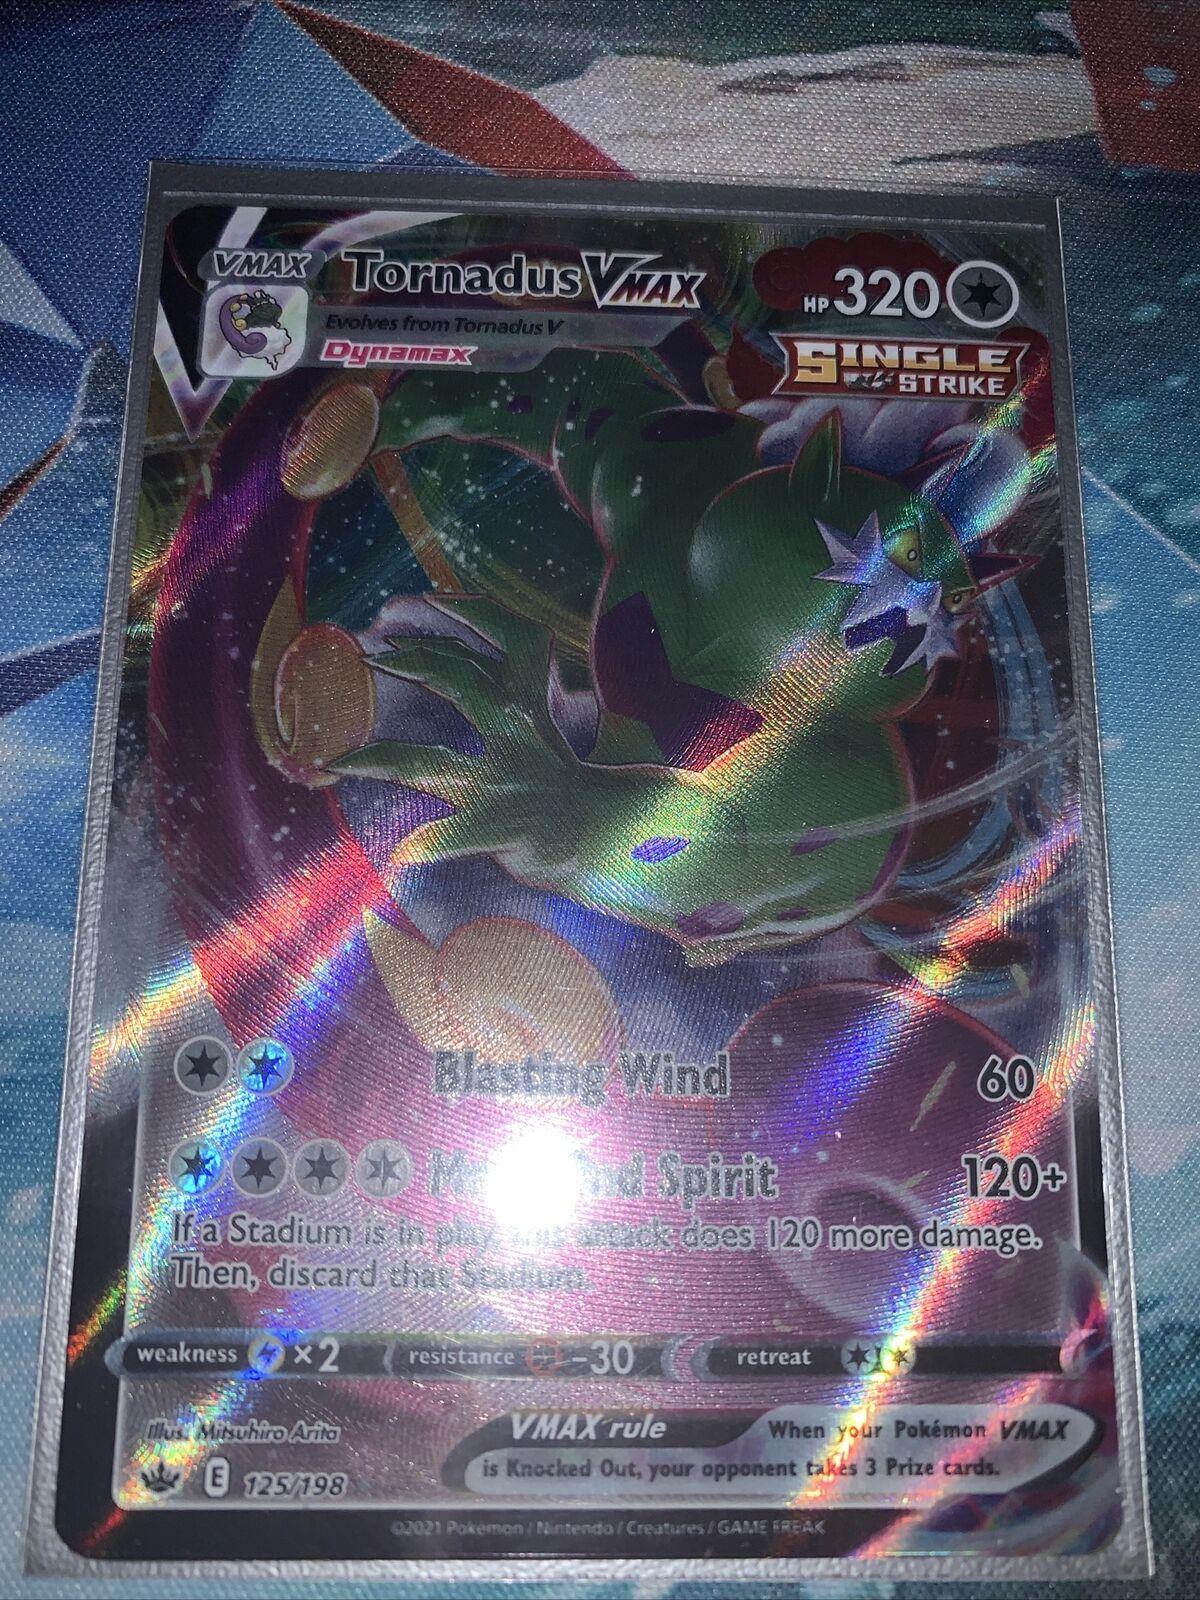 Tornadus VMAX 125/198 - Chilling Reign Rare Holo Pokemon Card